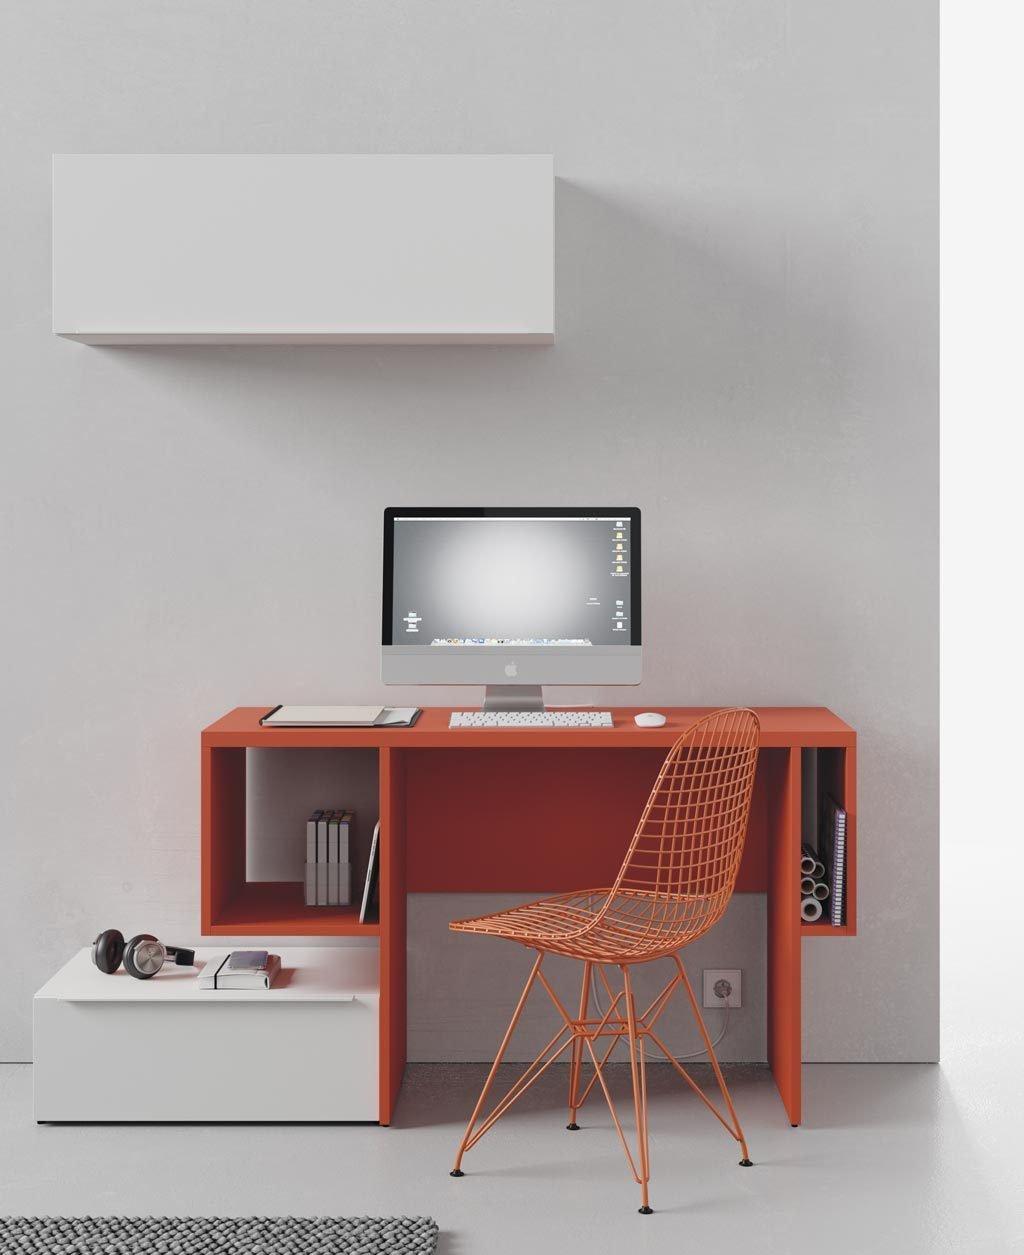 ¿Zona estudio o pequeño despacho? tu decides que uso le das a la mesa Cubist